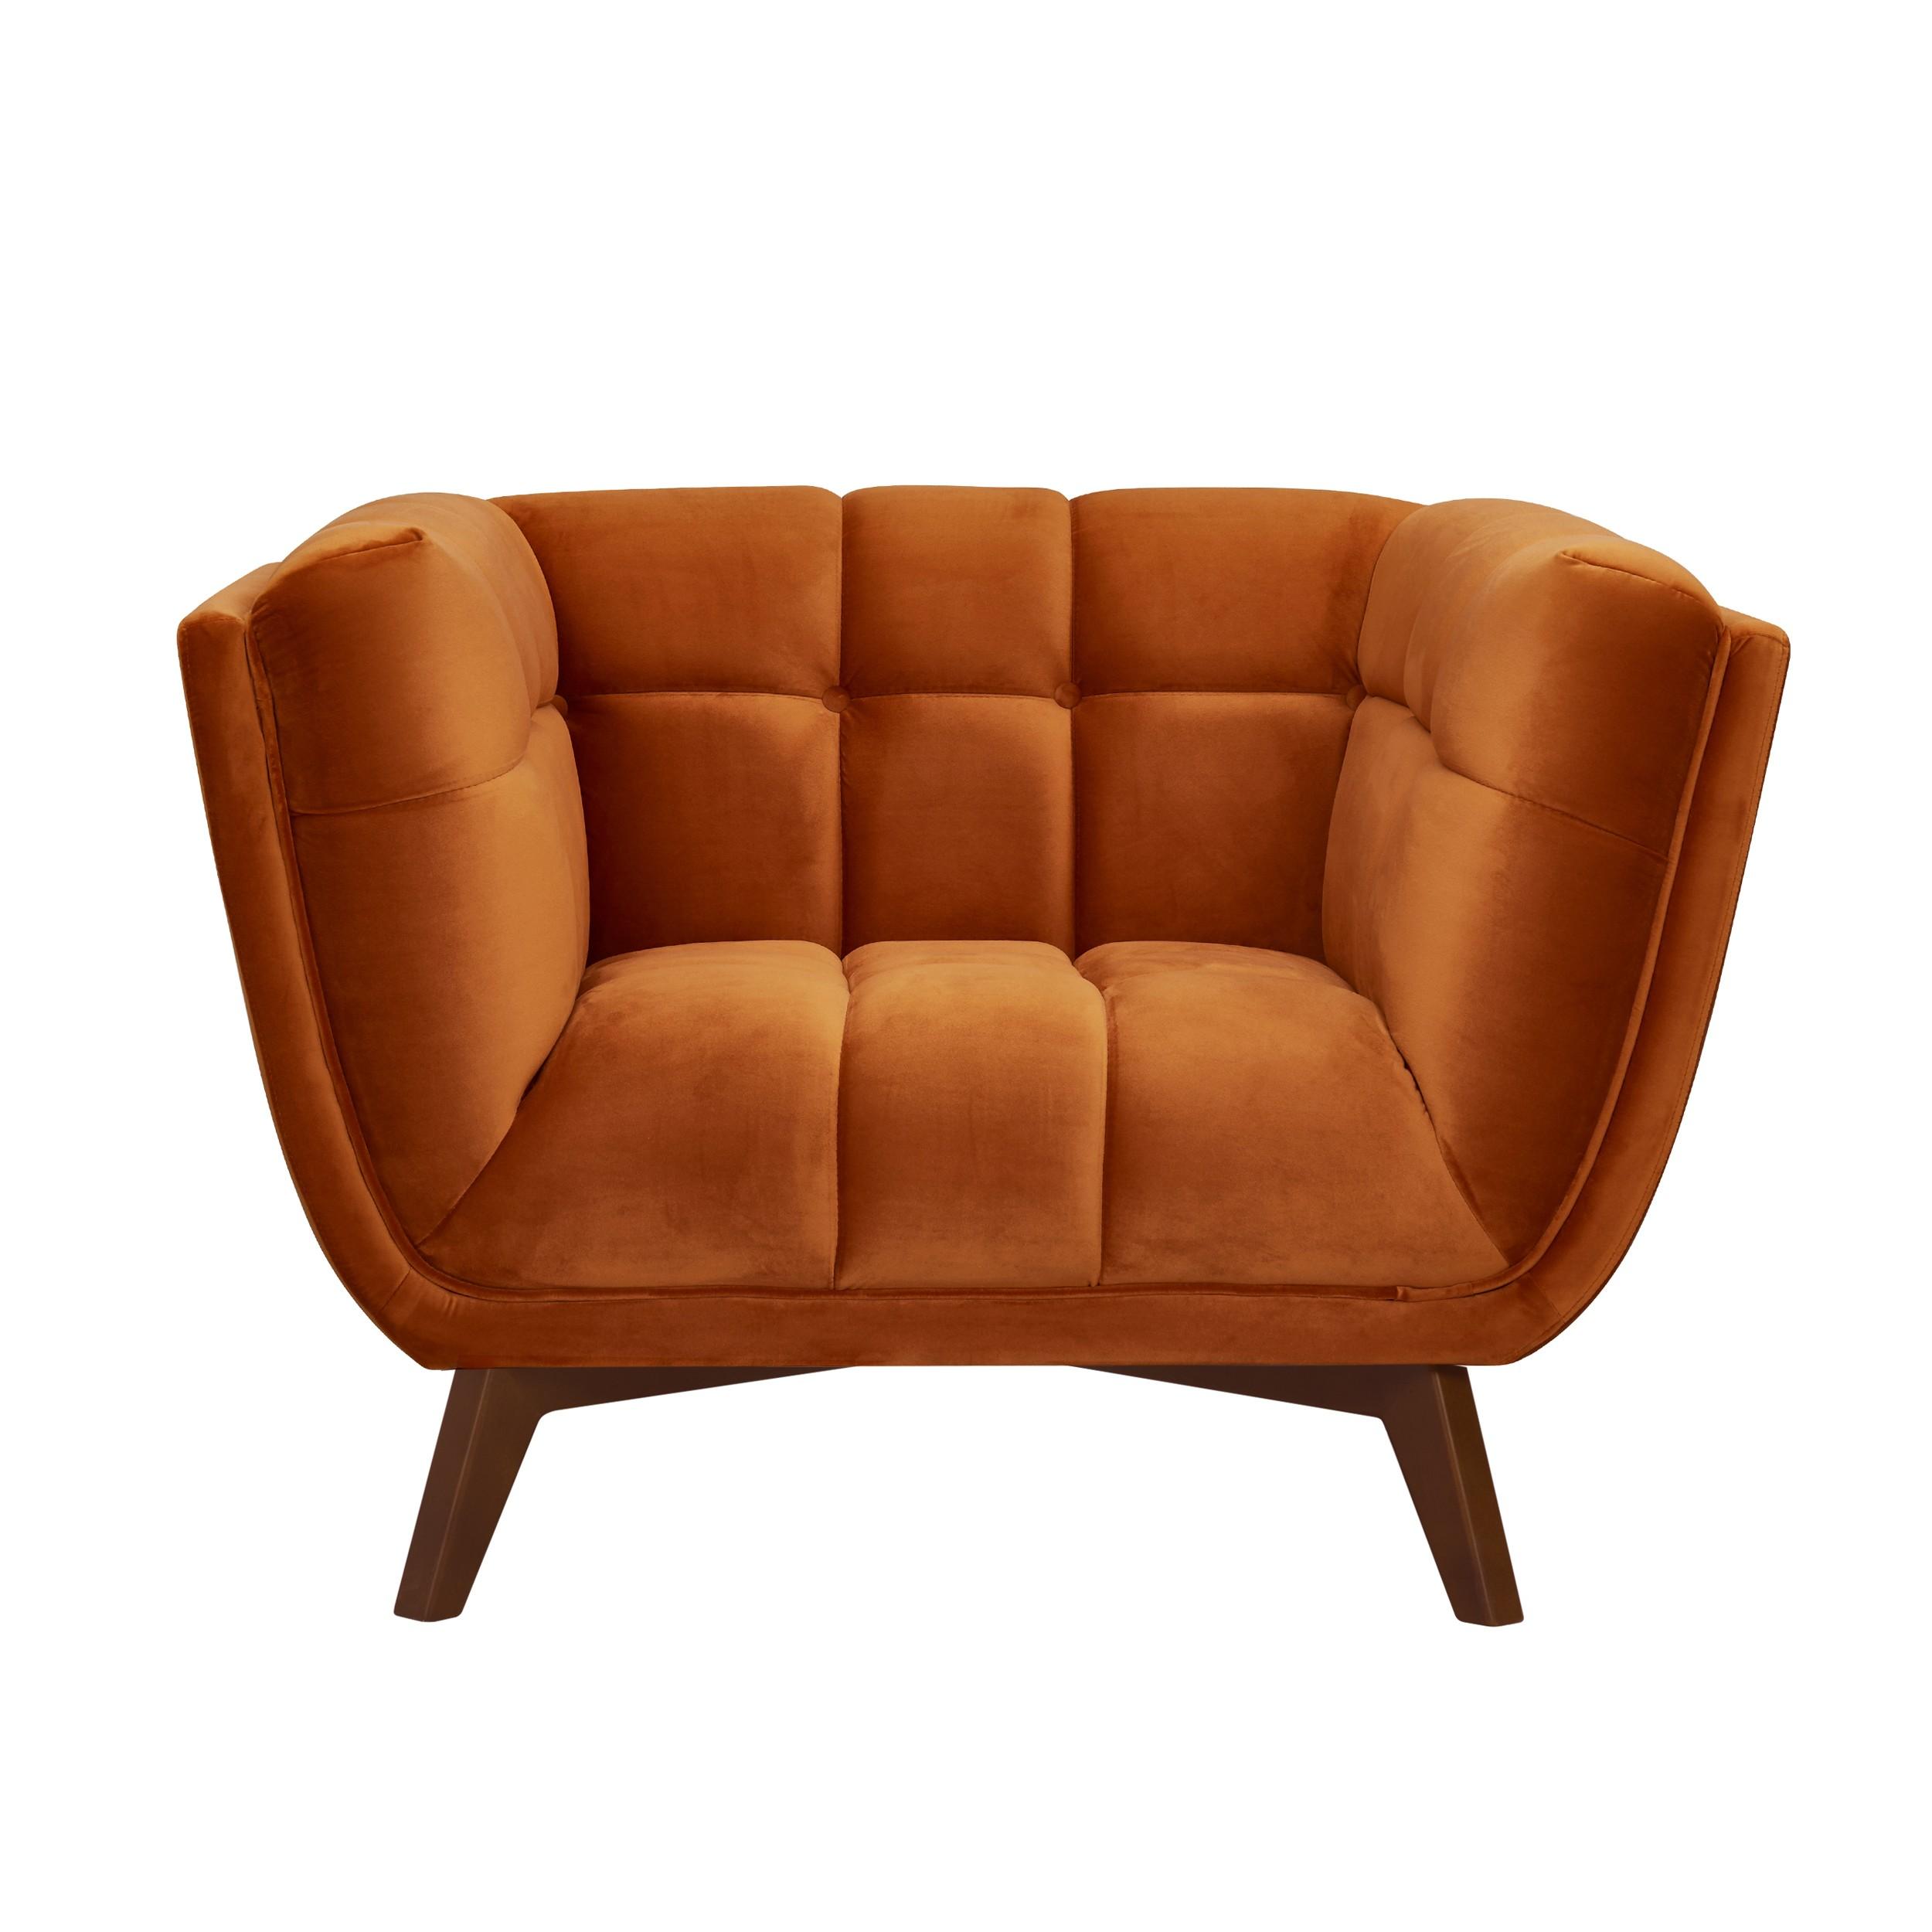 acheter fauteuil orange en velours pieds bois